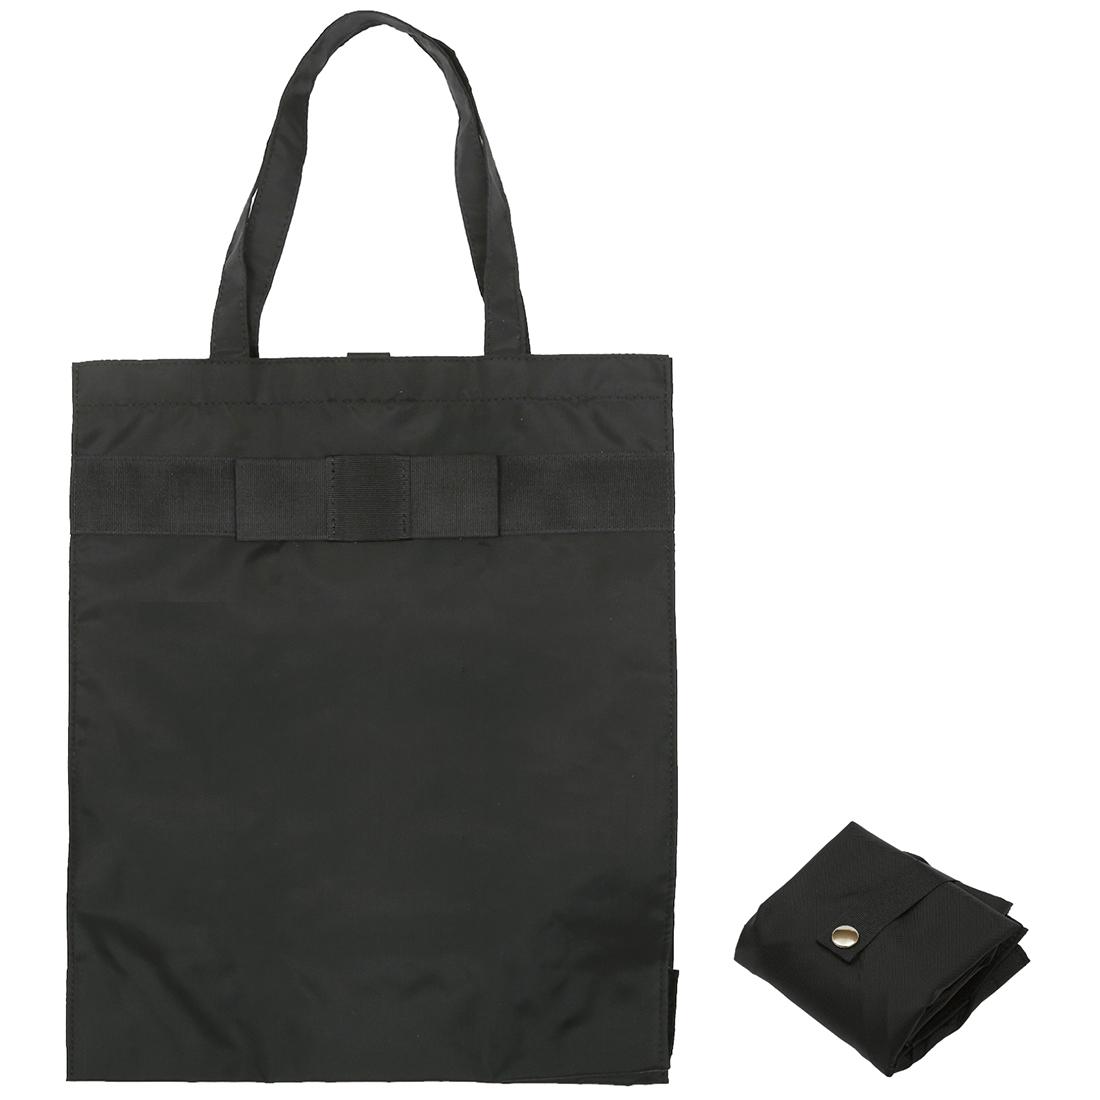 折りたたむとハンドバッグに入れても邪魔にならないコンパクトサイズ アウトレット A4サイズ 書類 フォーマル用リボンエコバッグ 完全日本製 贈物 縦型 マチ付